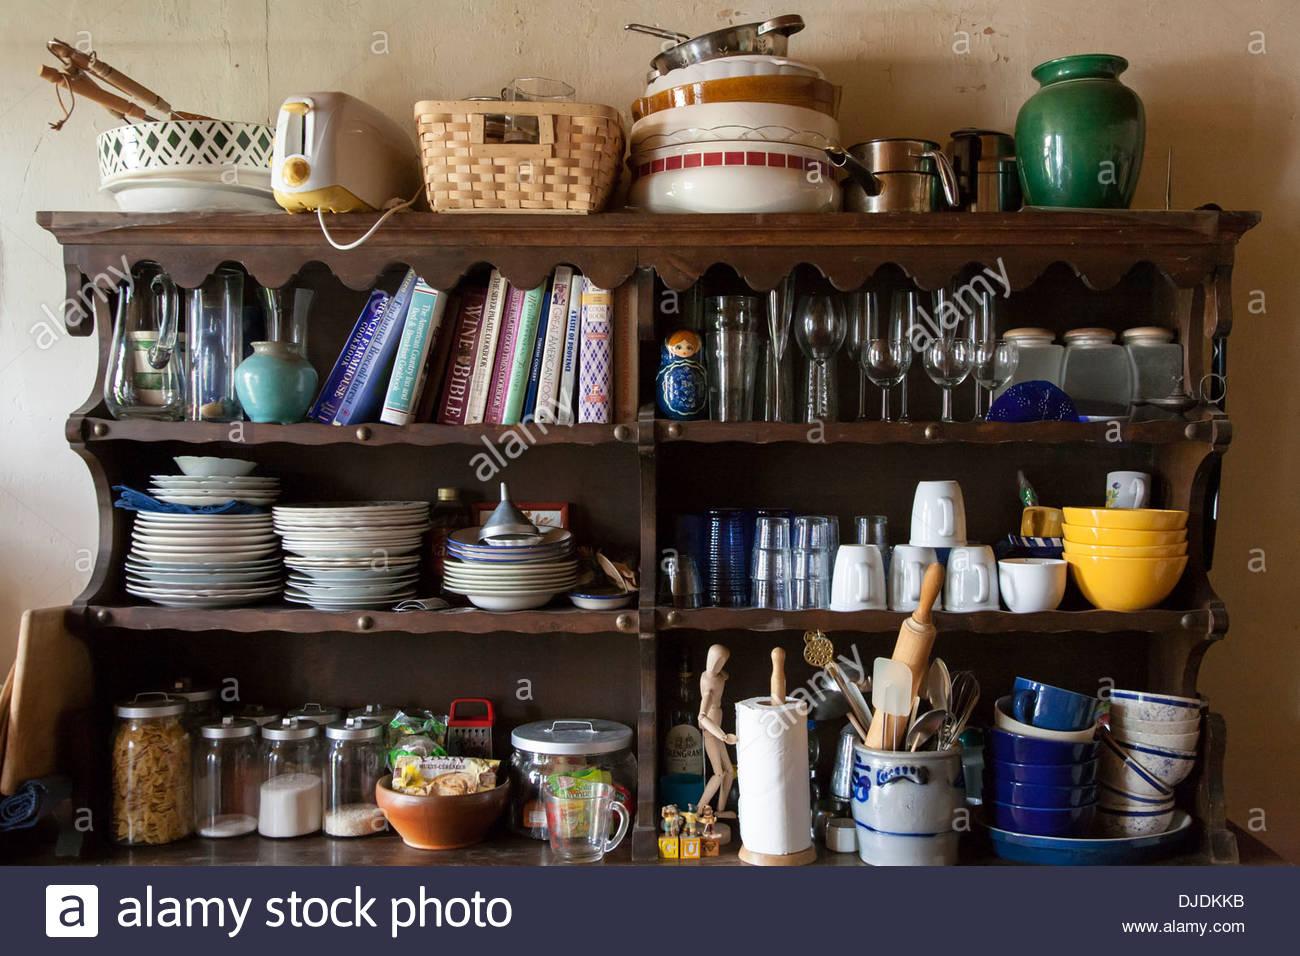 Étagères en désordre dans la cuisine pleine de livres de cuisine, des plats et des aliments, Photo Stock